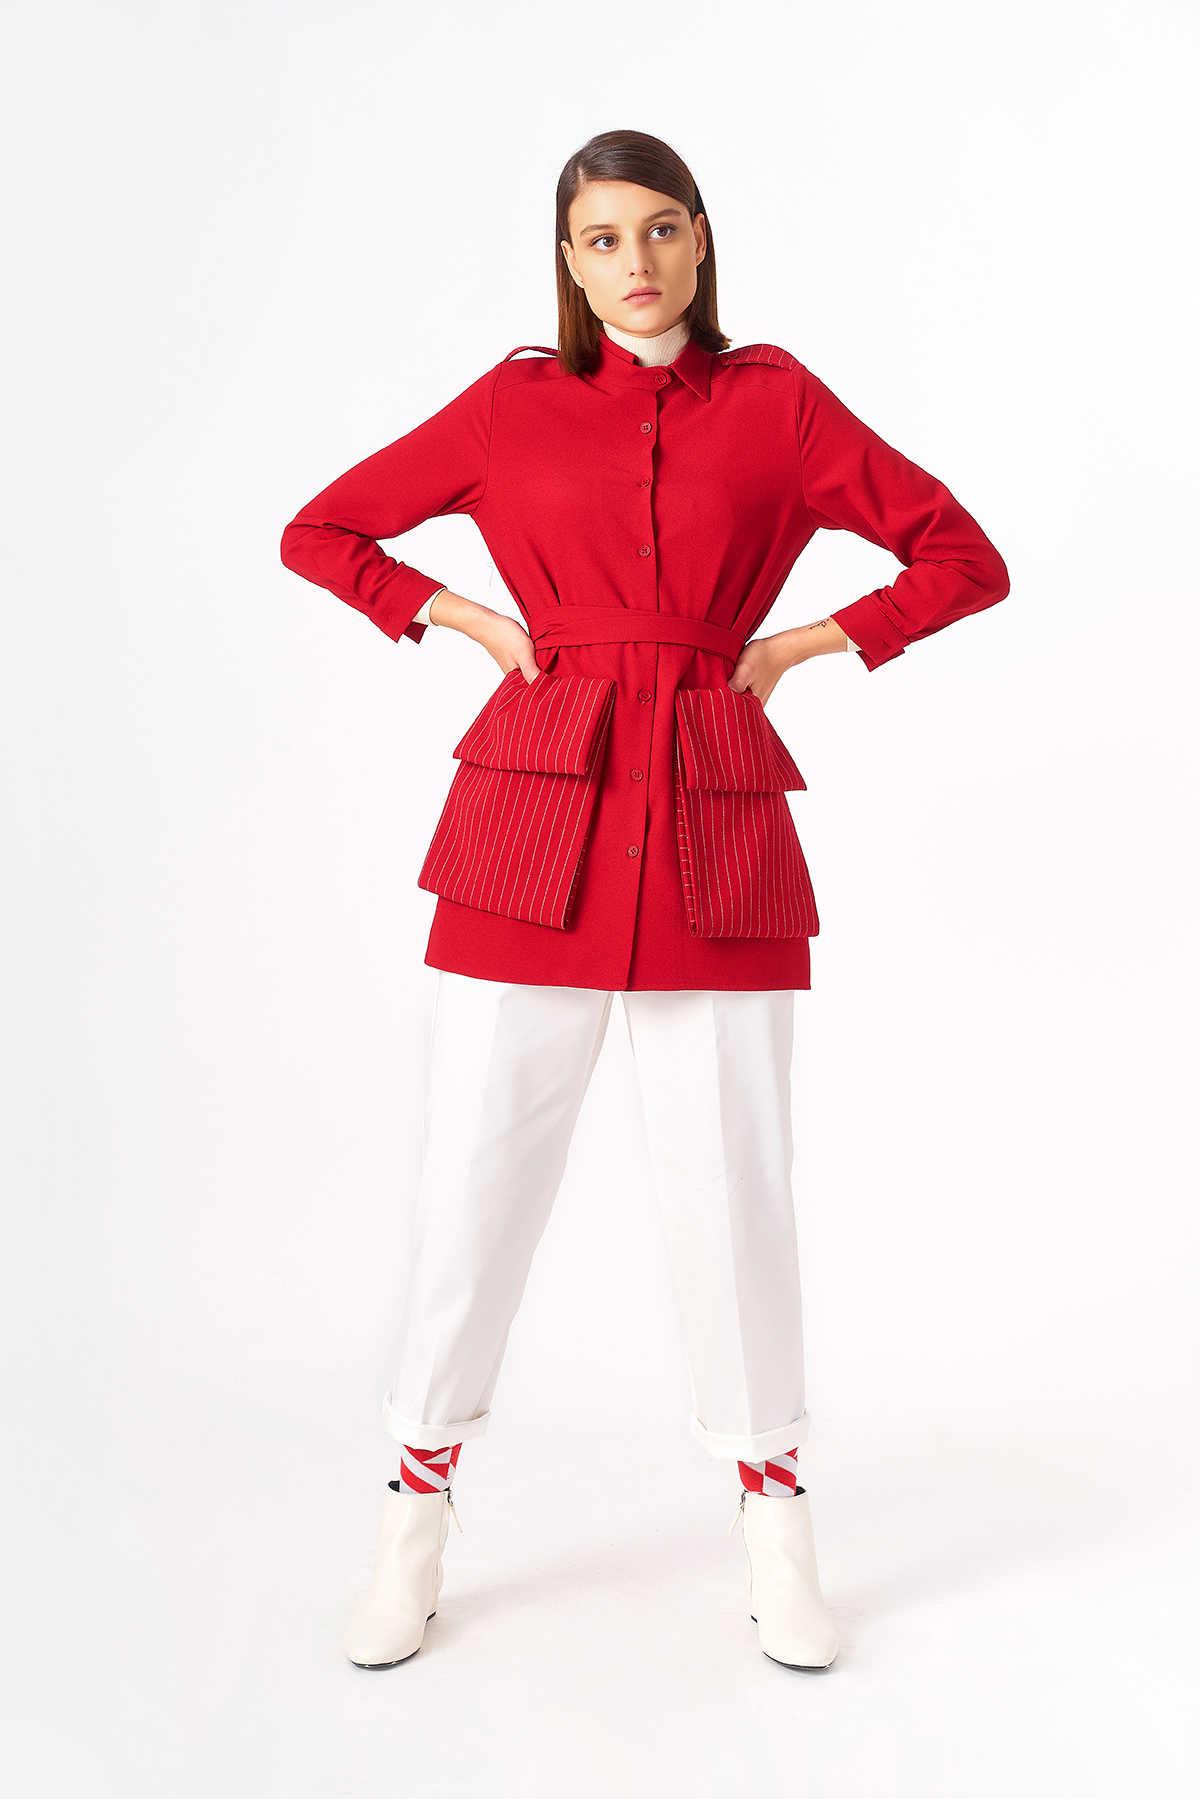 Kuaybe Gider - 5119 Tunik Kırmızı